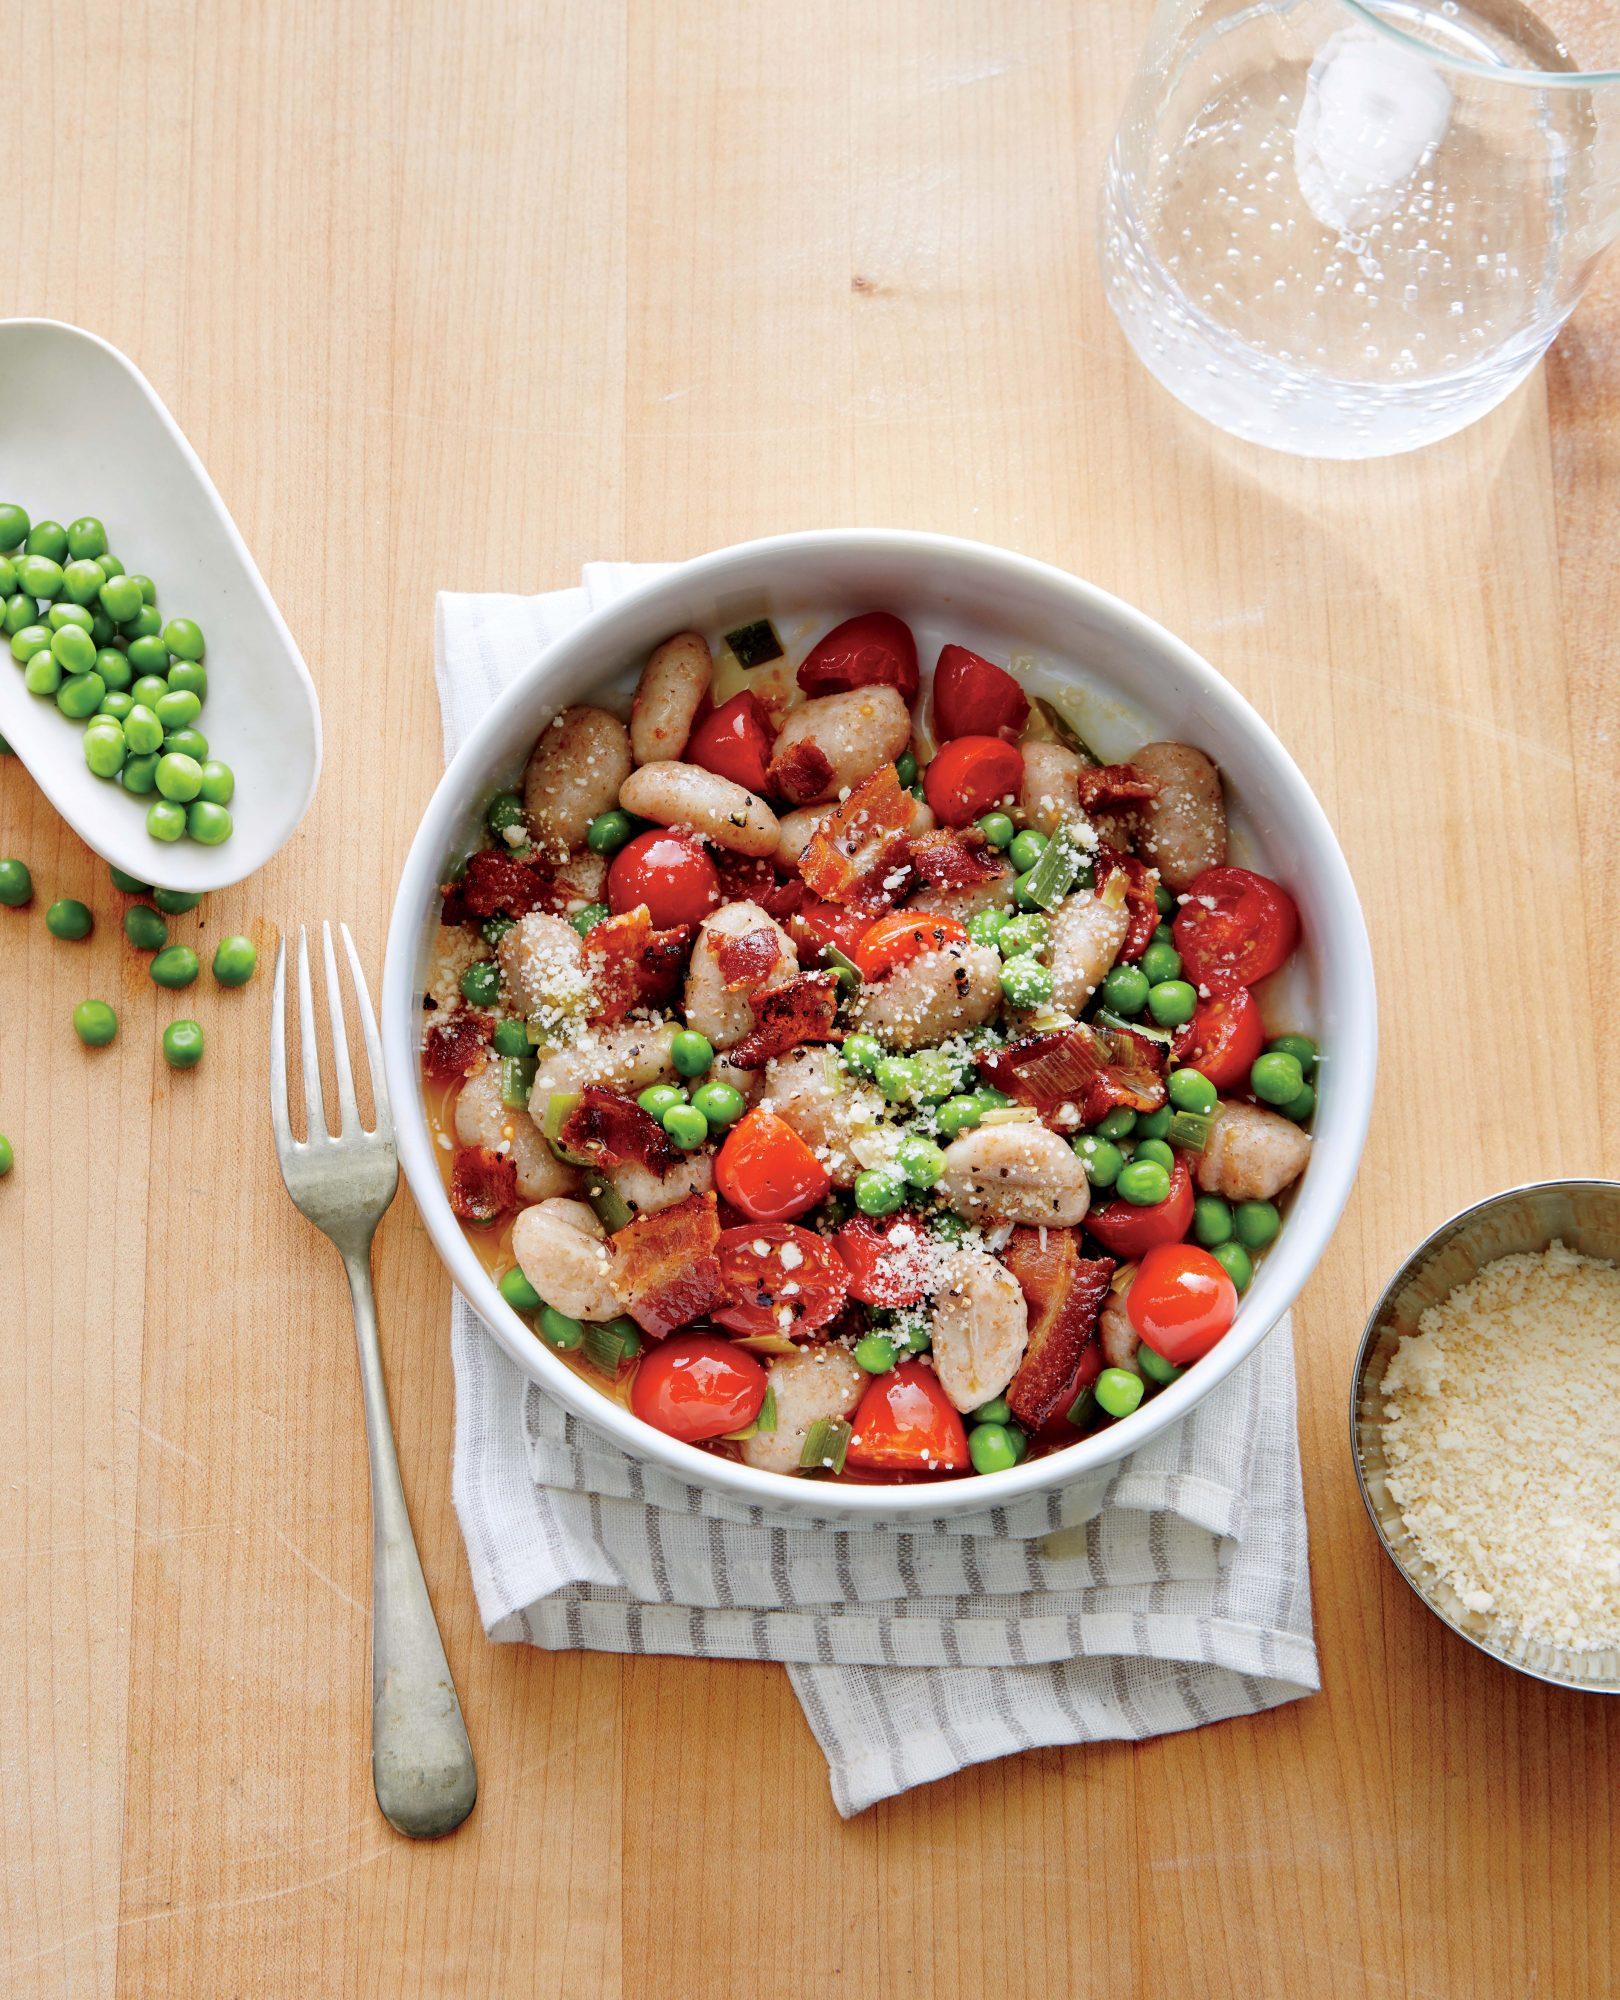 Pea, Tomato, and Bacon Gnocchi image